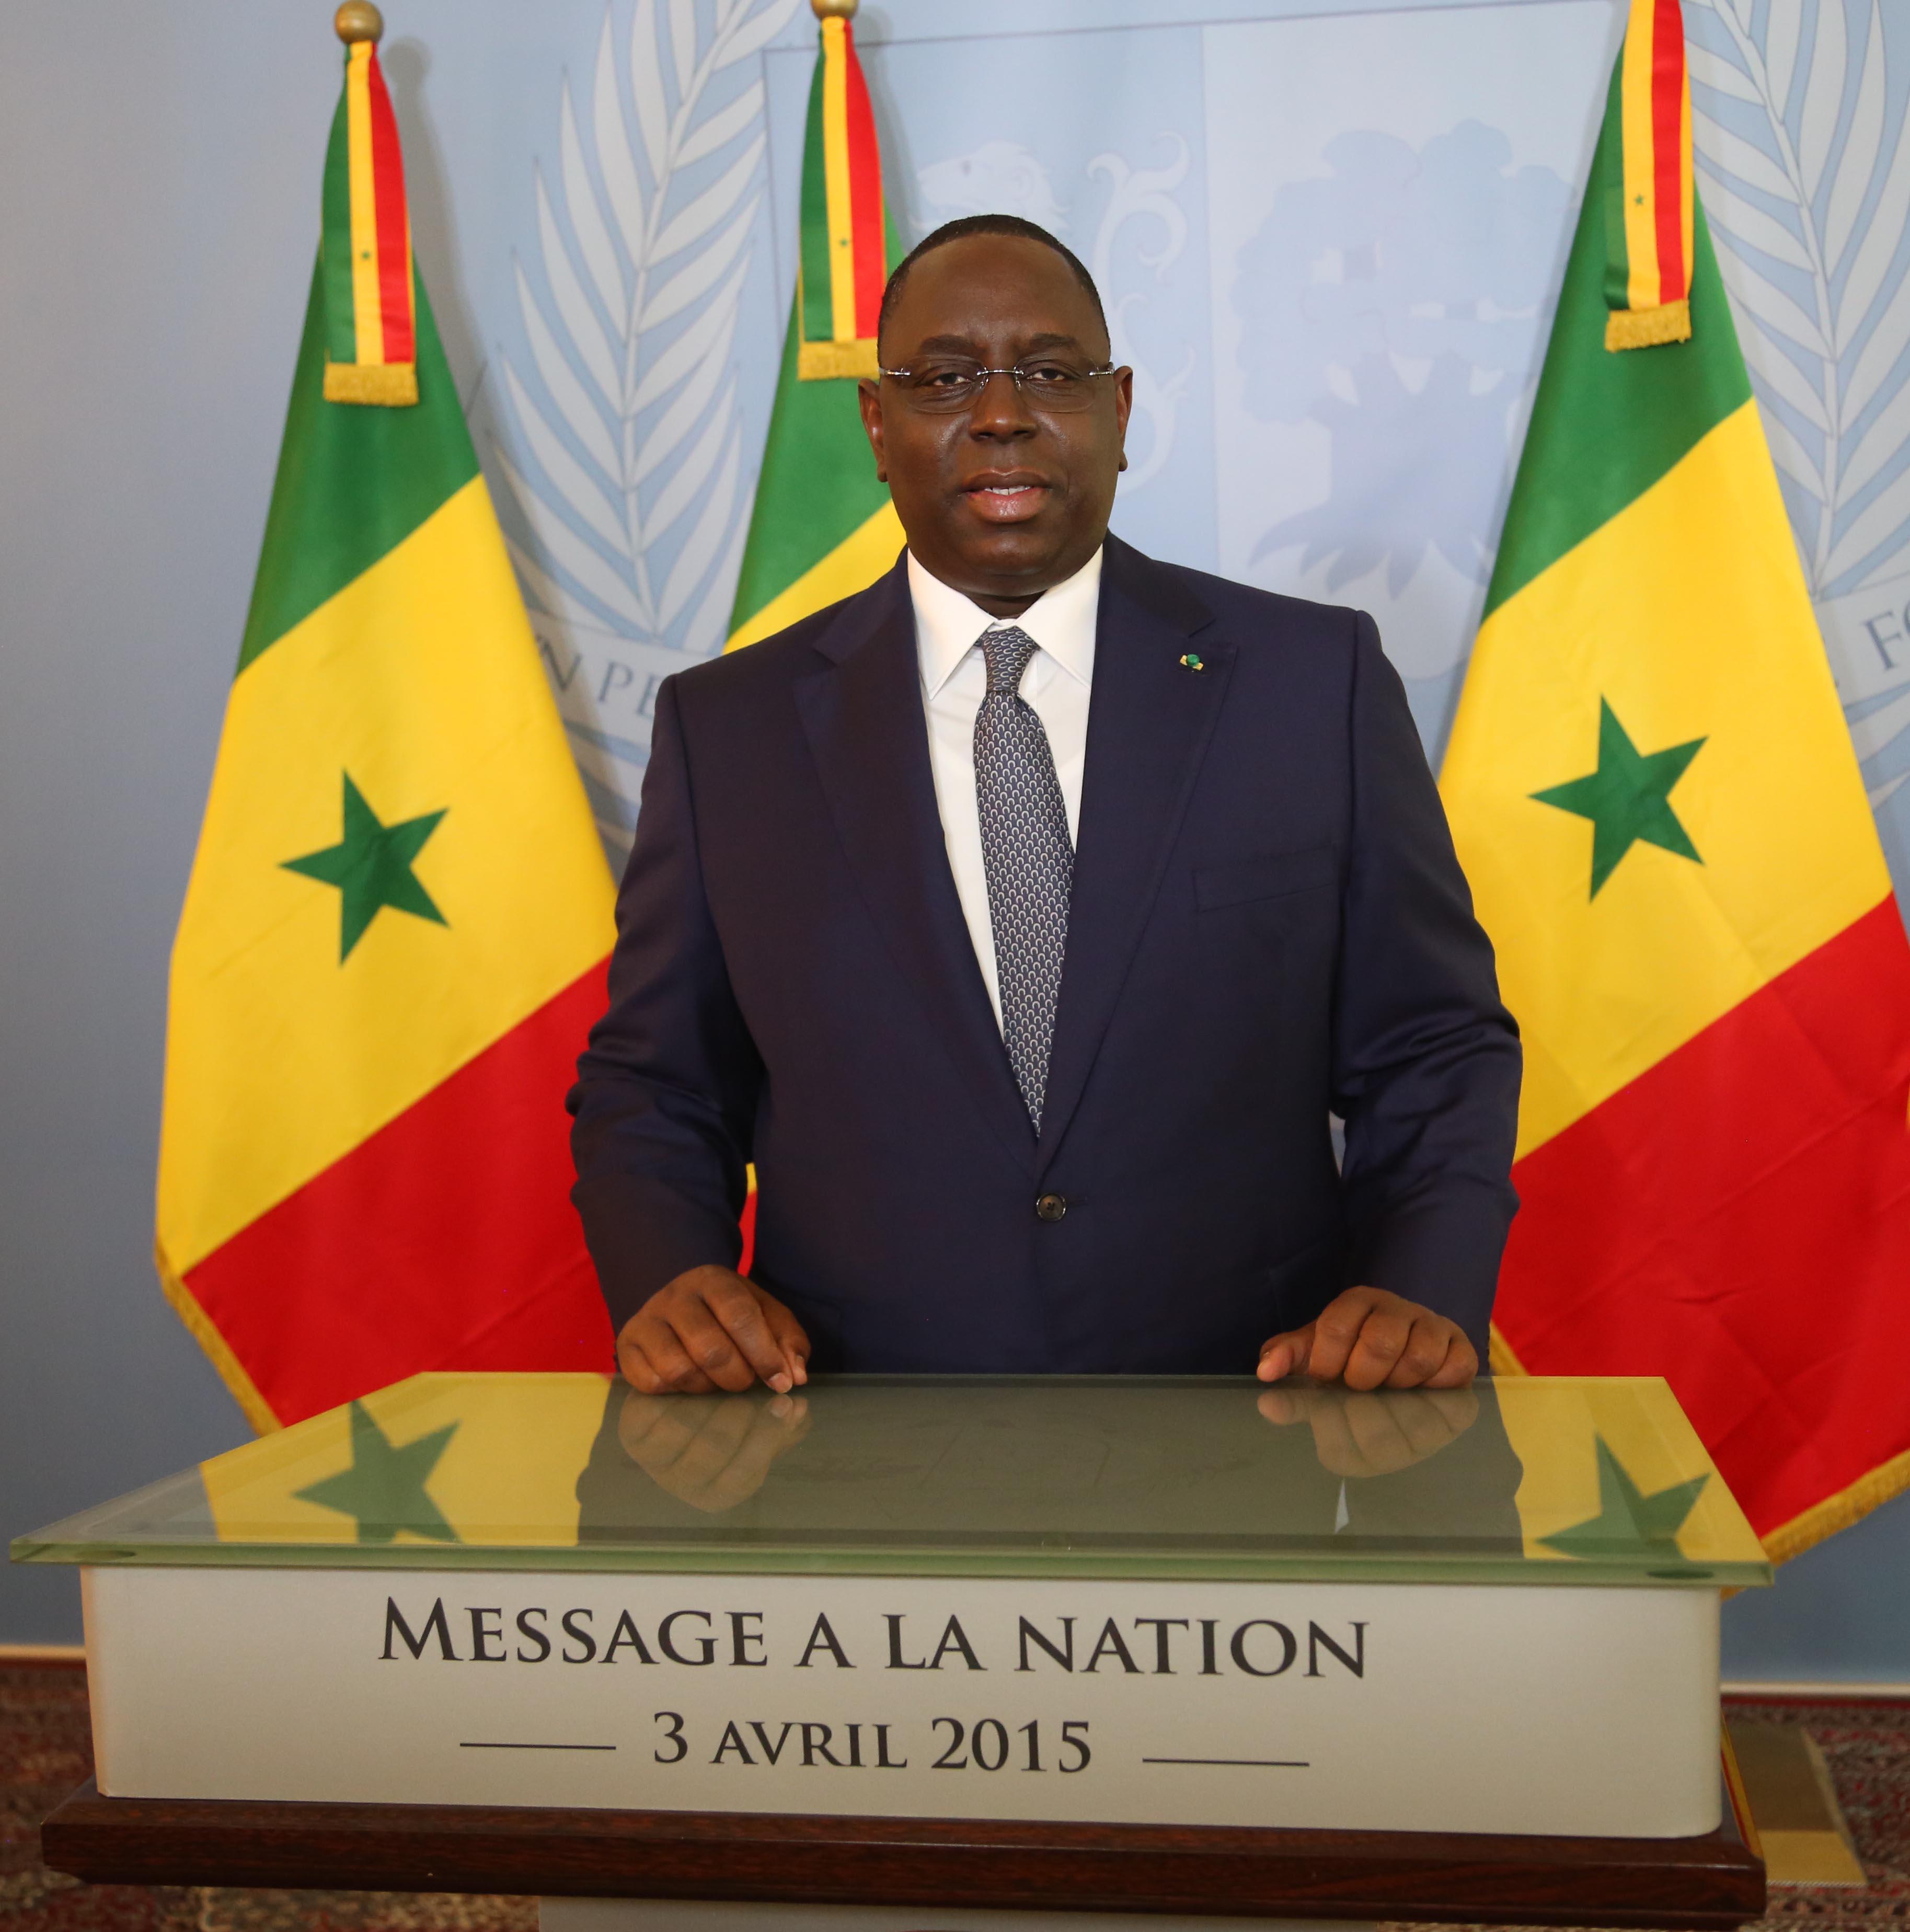 Discours à la nation du 3 avril 2015: La Grande offensive de Macky Sall en faveur du Tourisme